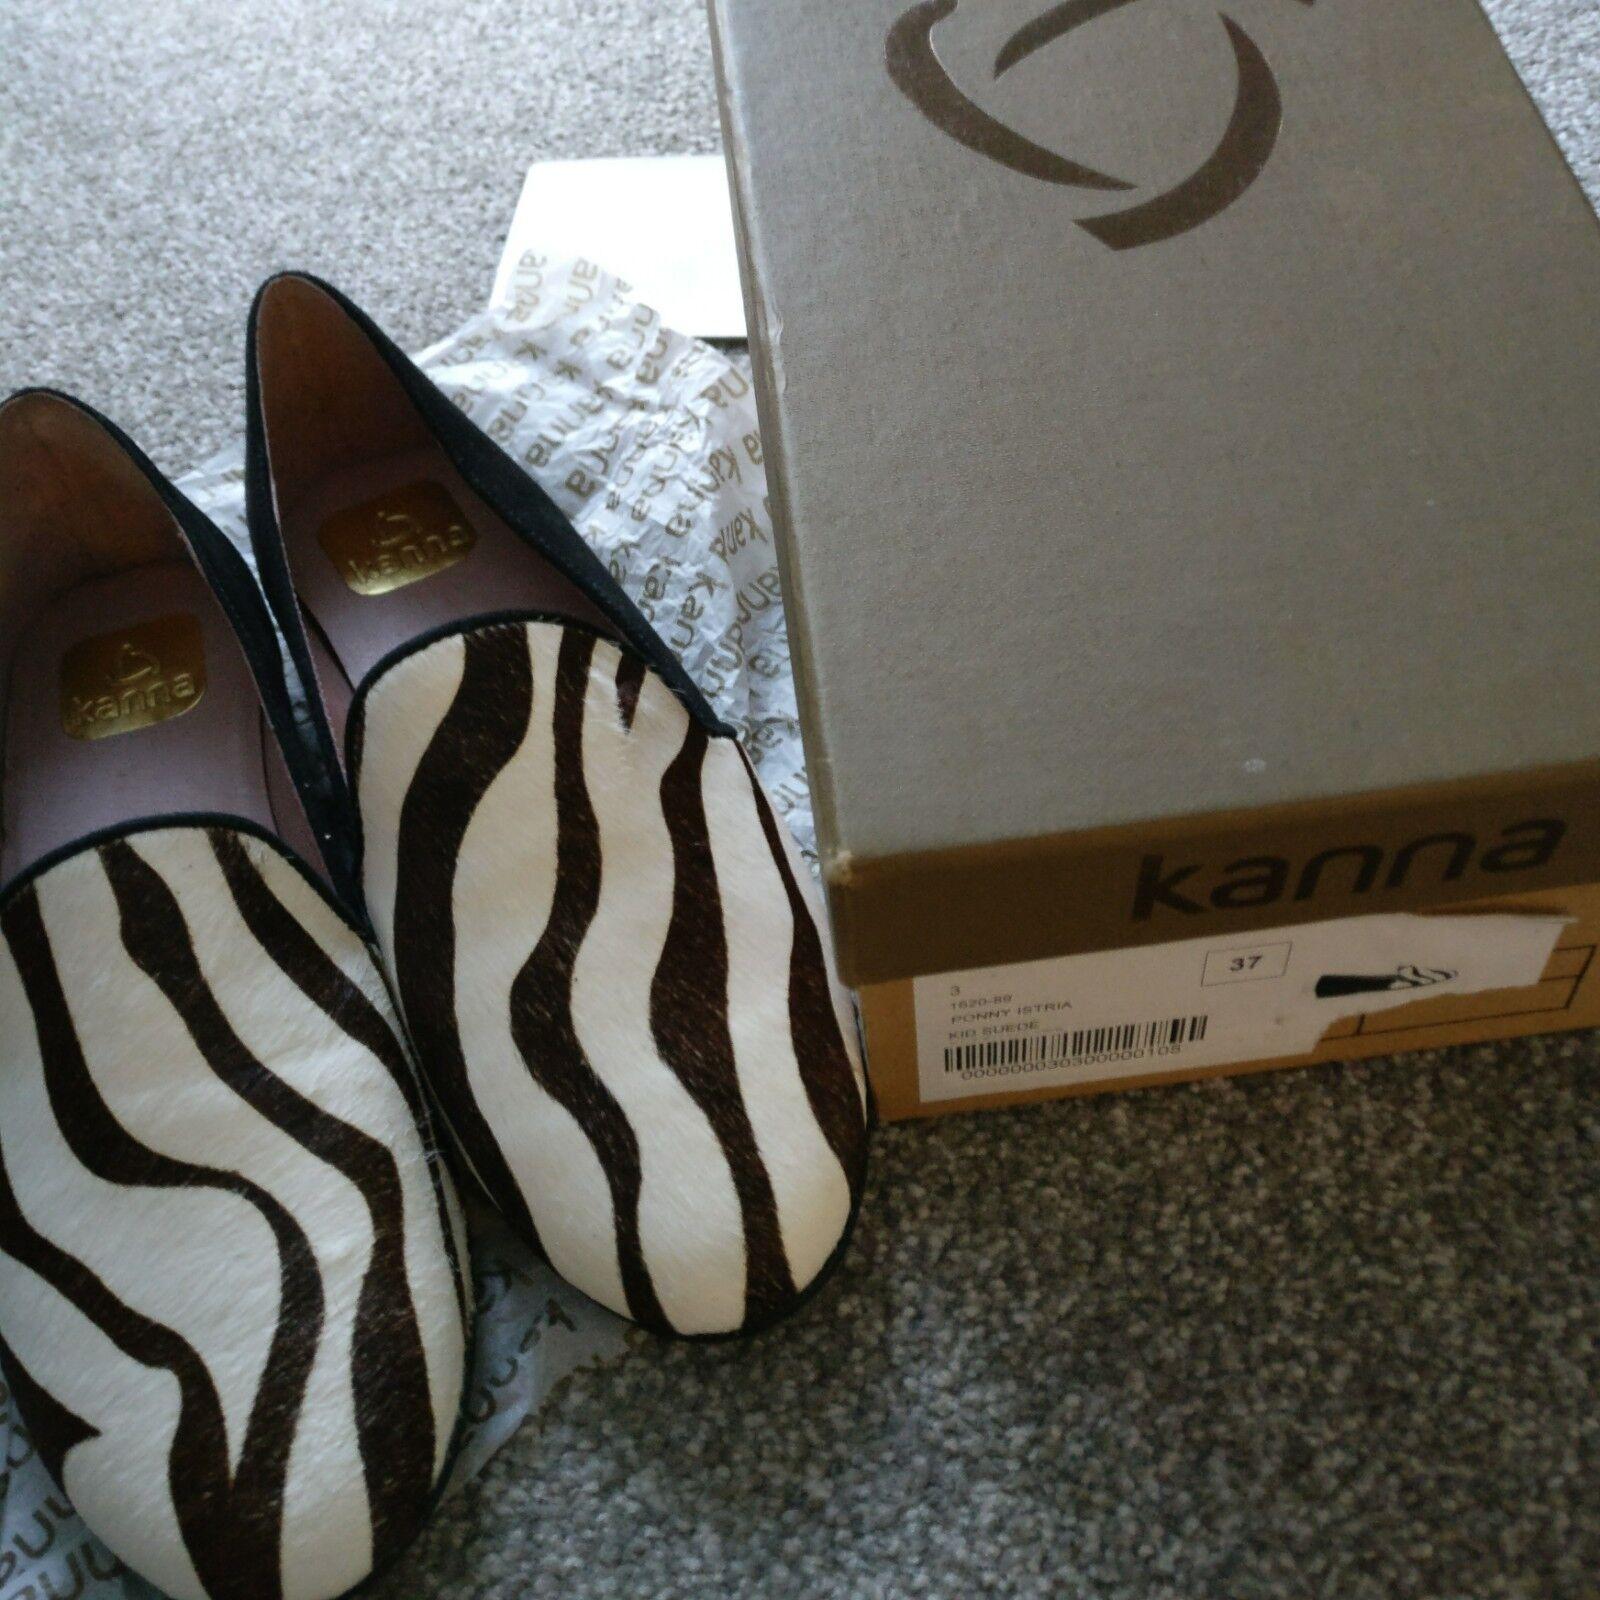 Kanna Zapatos De Salón Talla 37 Nuevo Nuevo Nuevo En Caja  ofrecemos varias marcas famosas